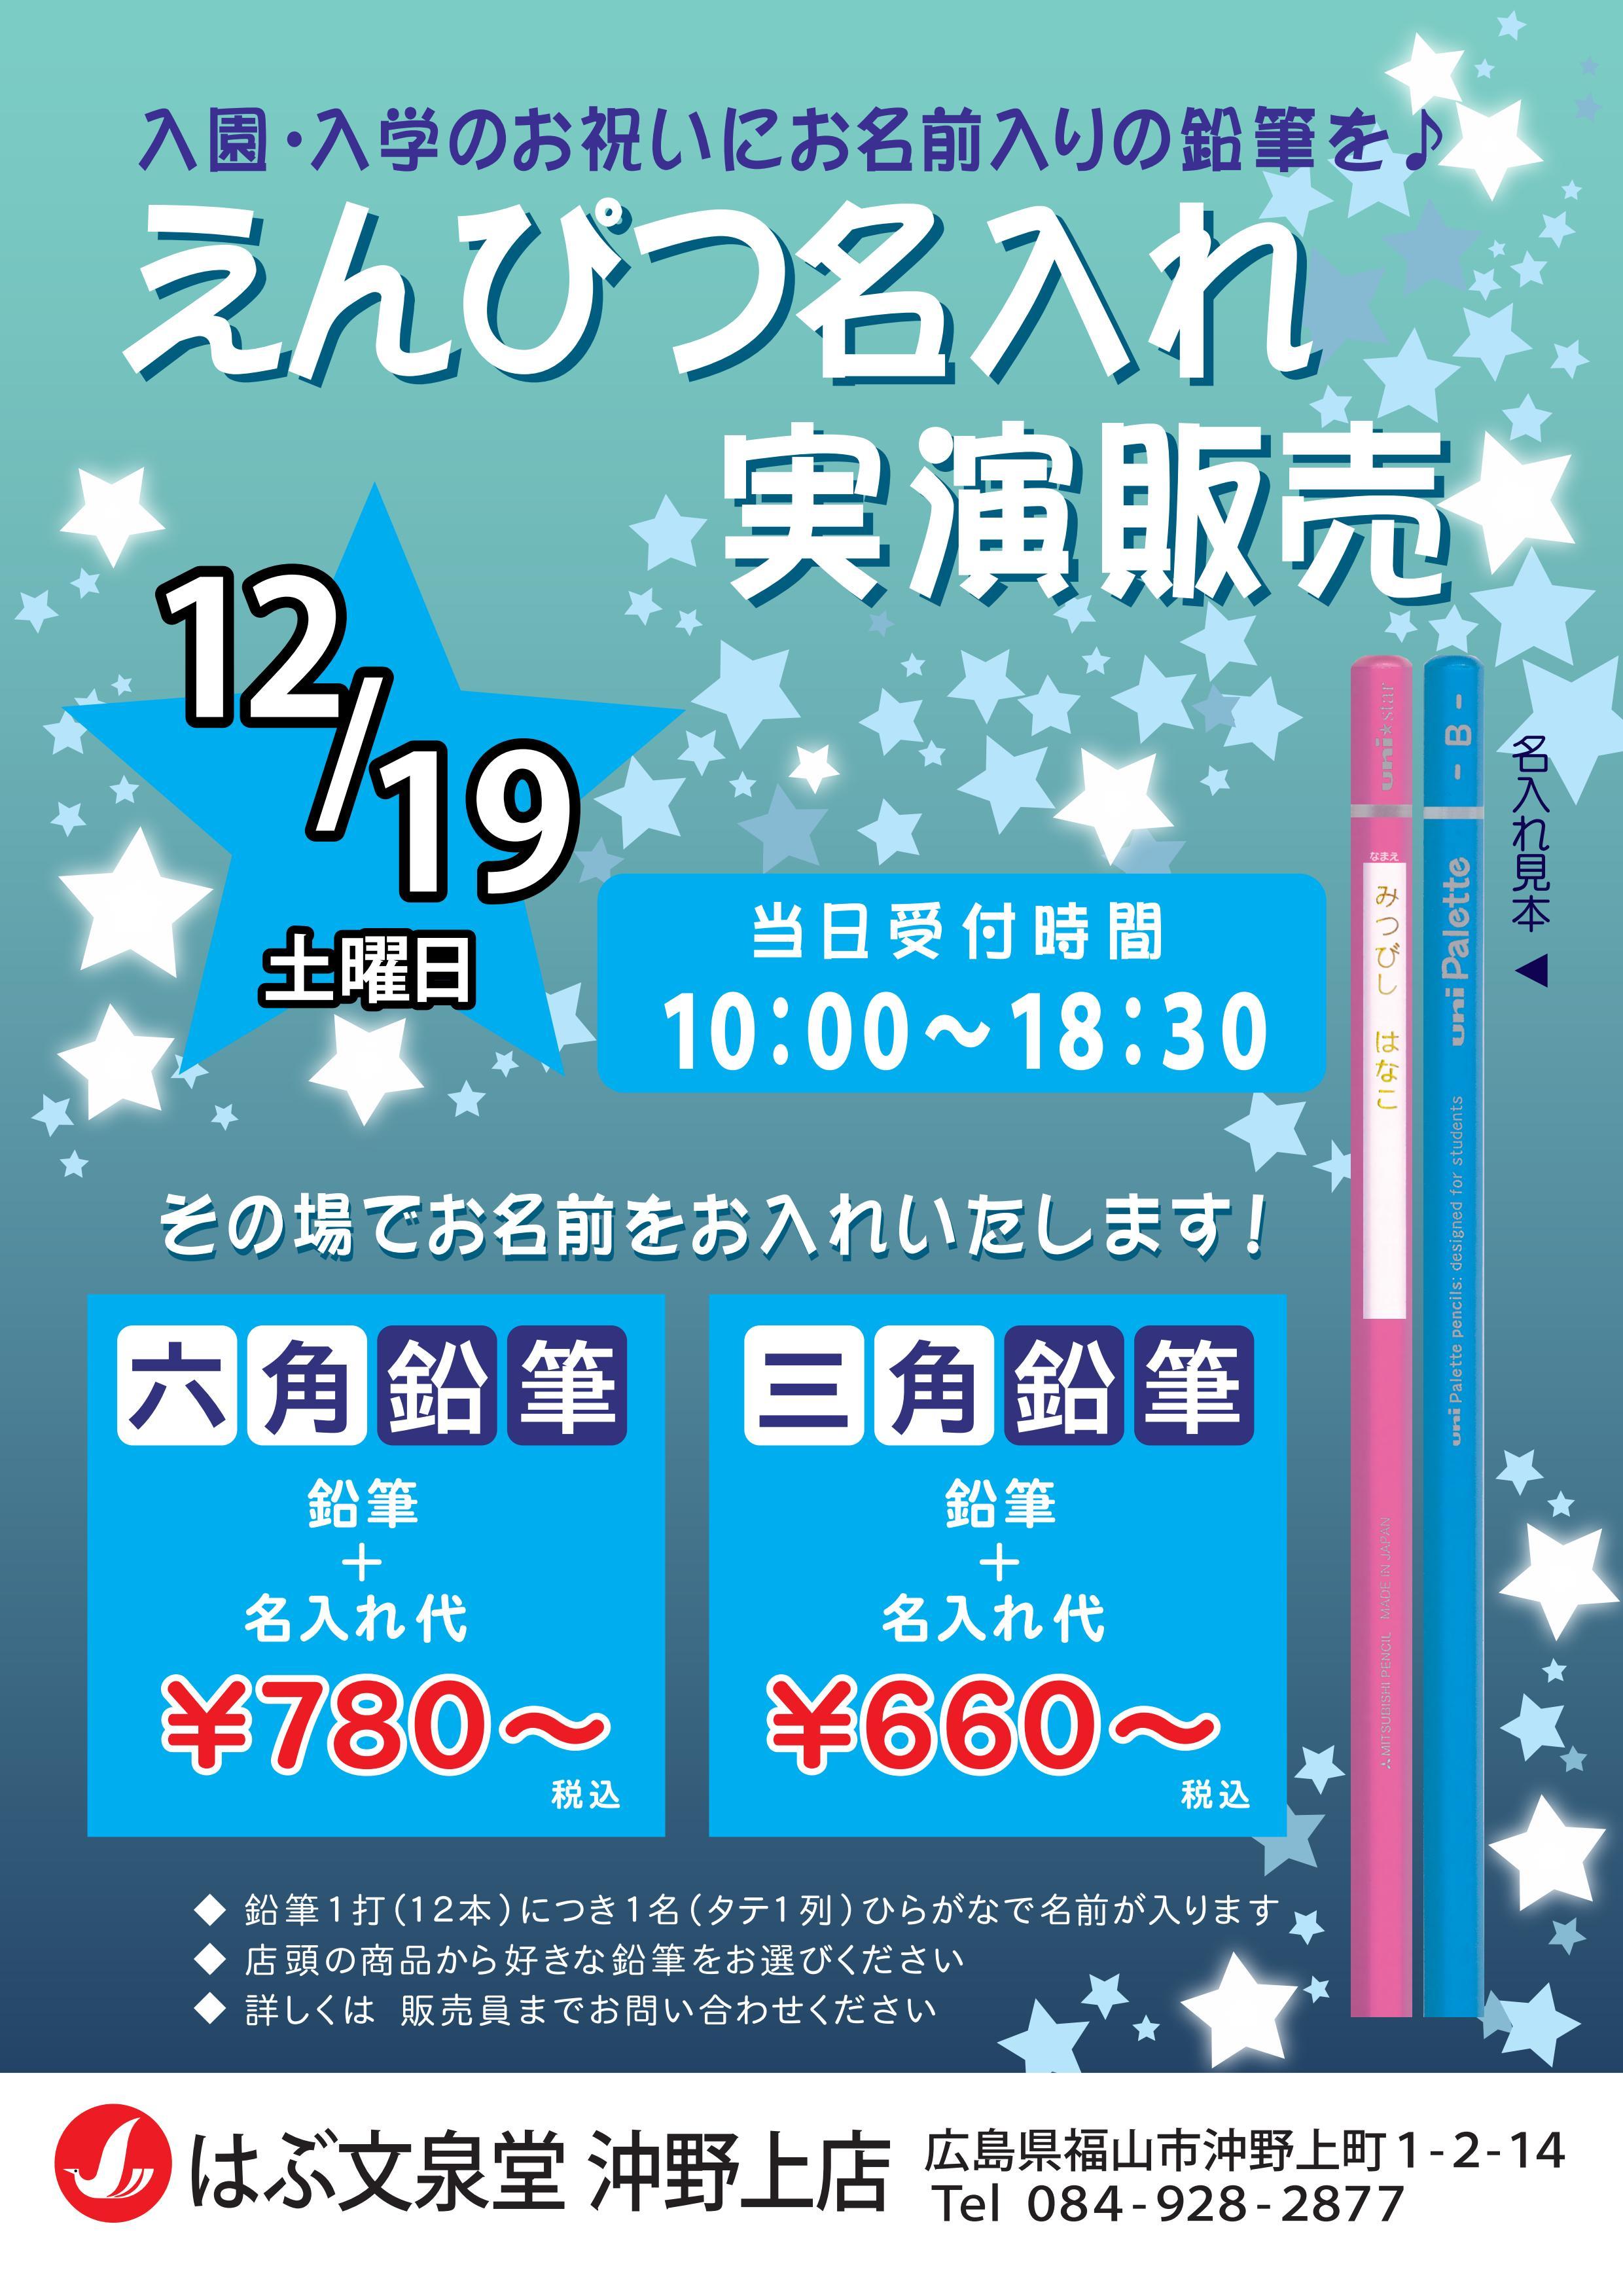 沖野上店名入れ実演販売 2015年12月19日開催!